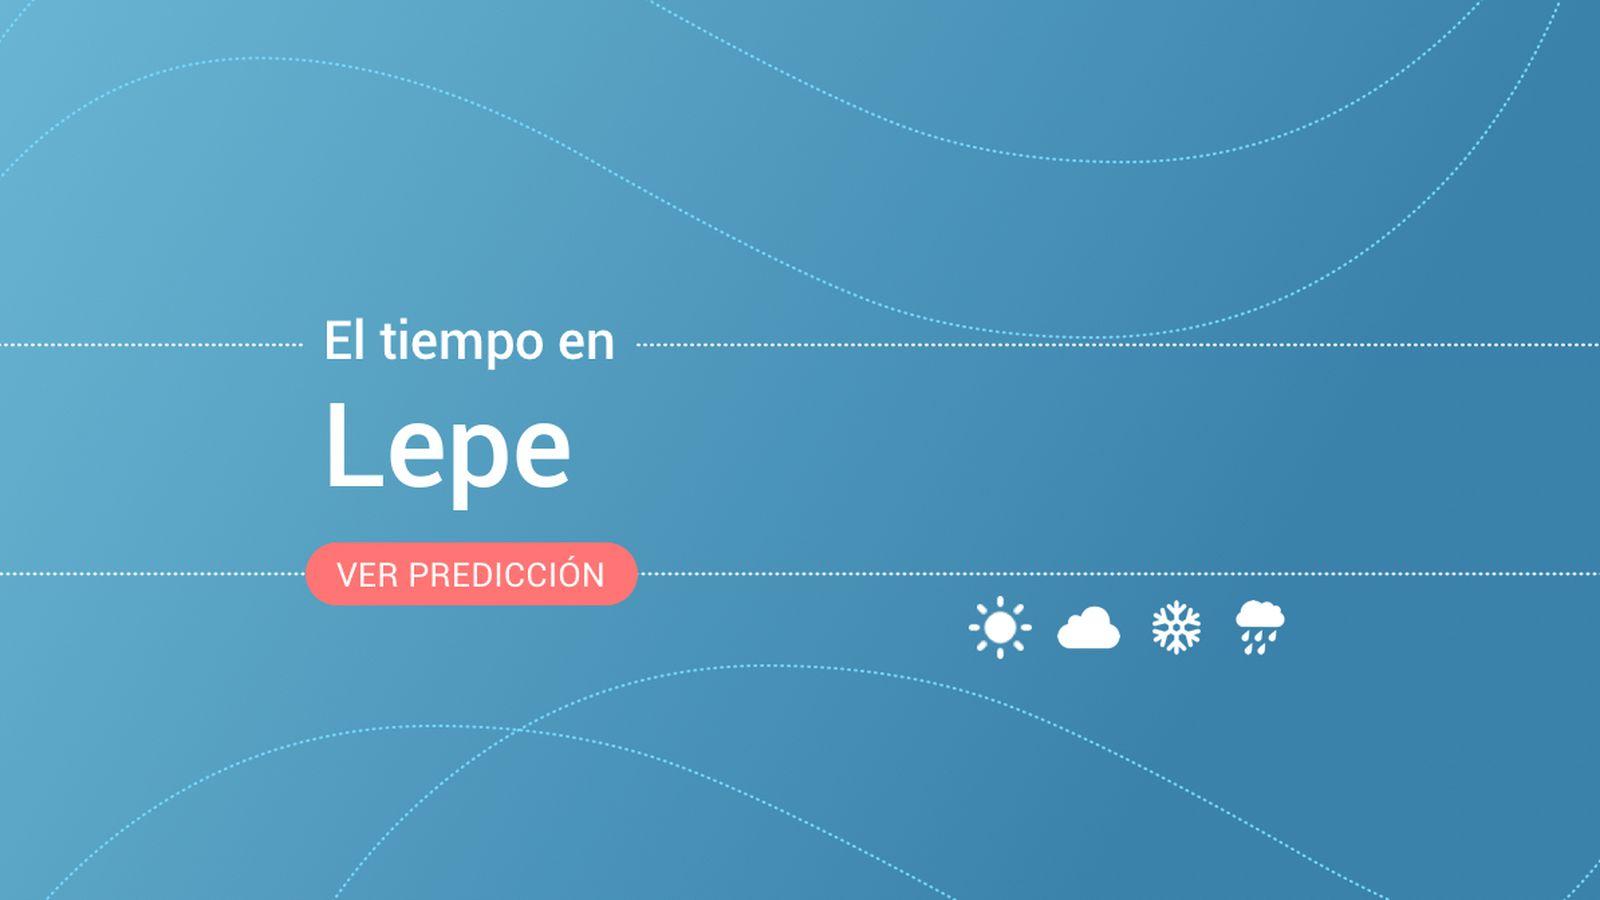 Foto: El tiempo en Lepe. (EC)